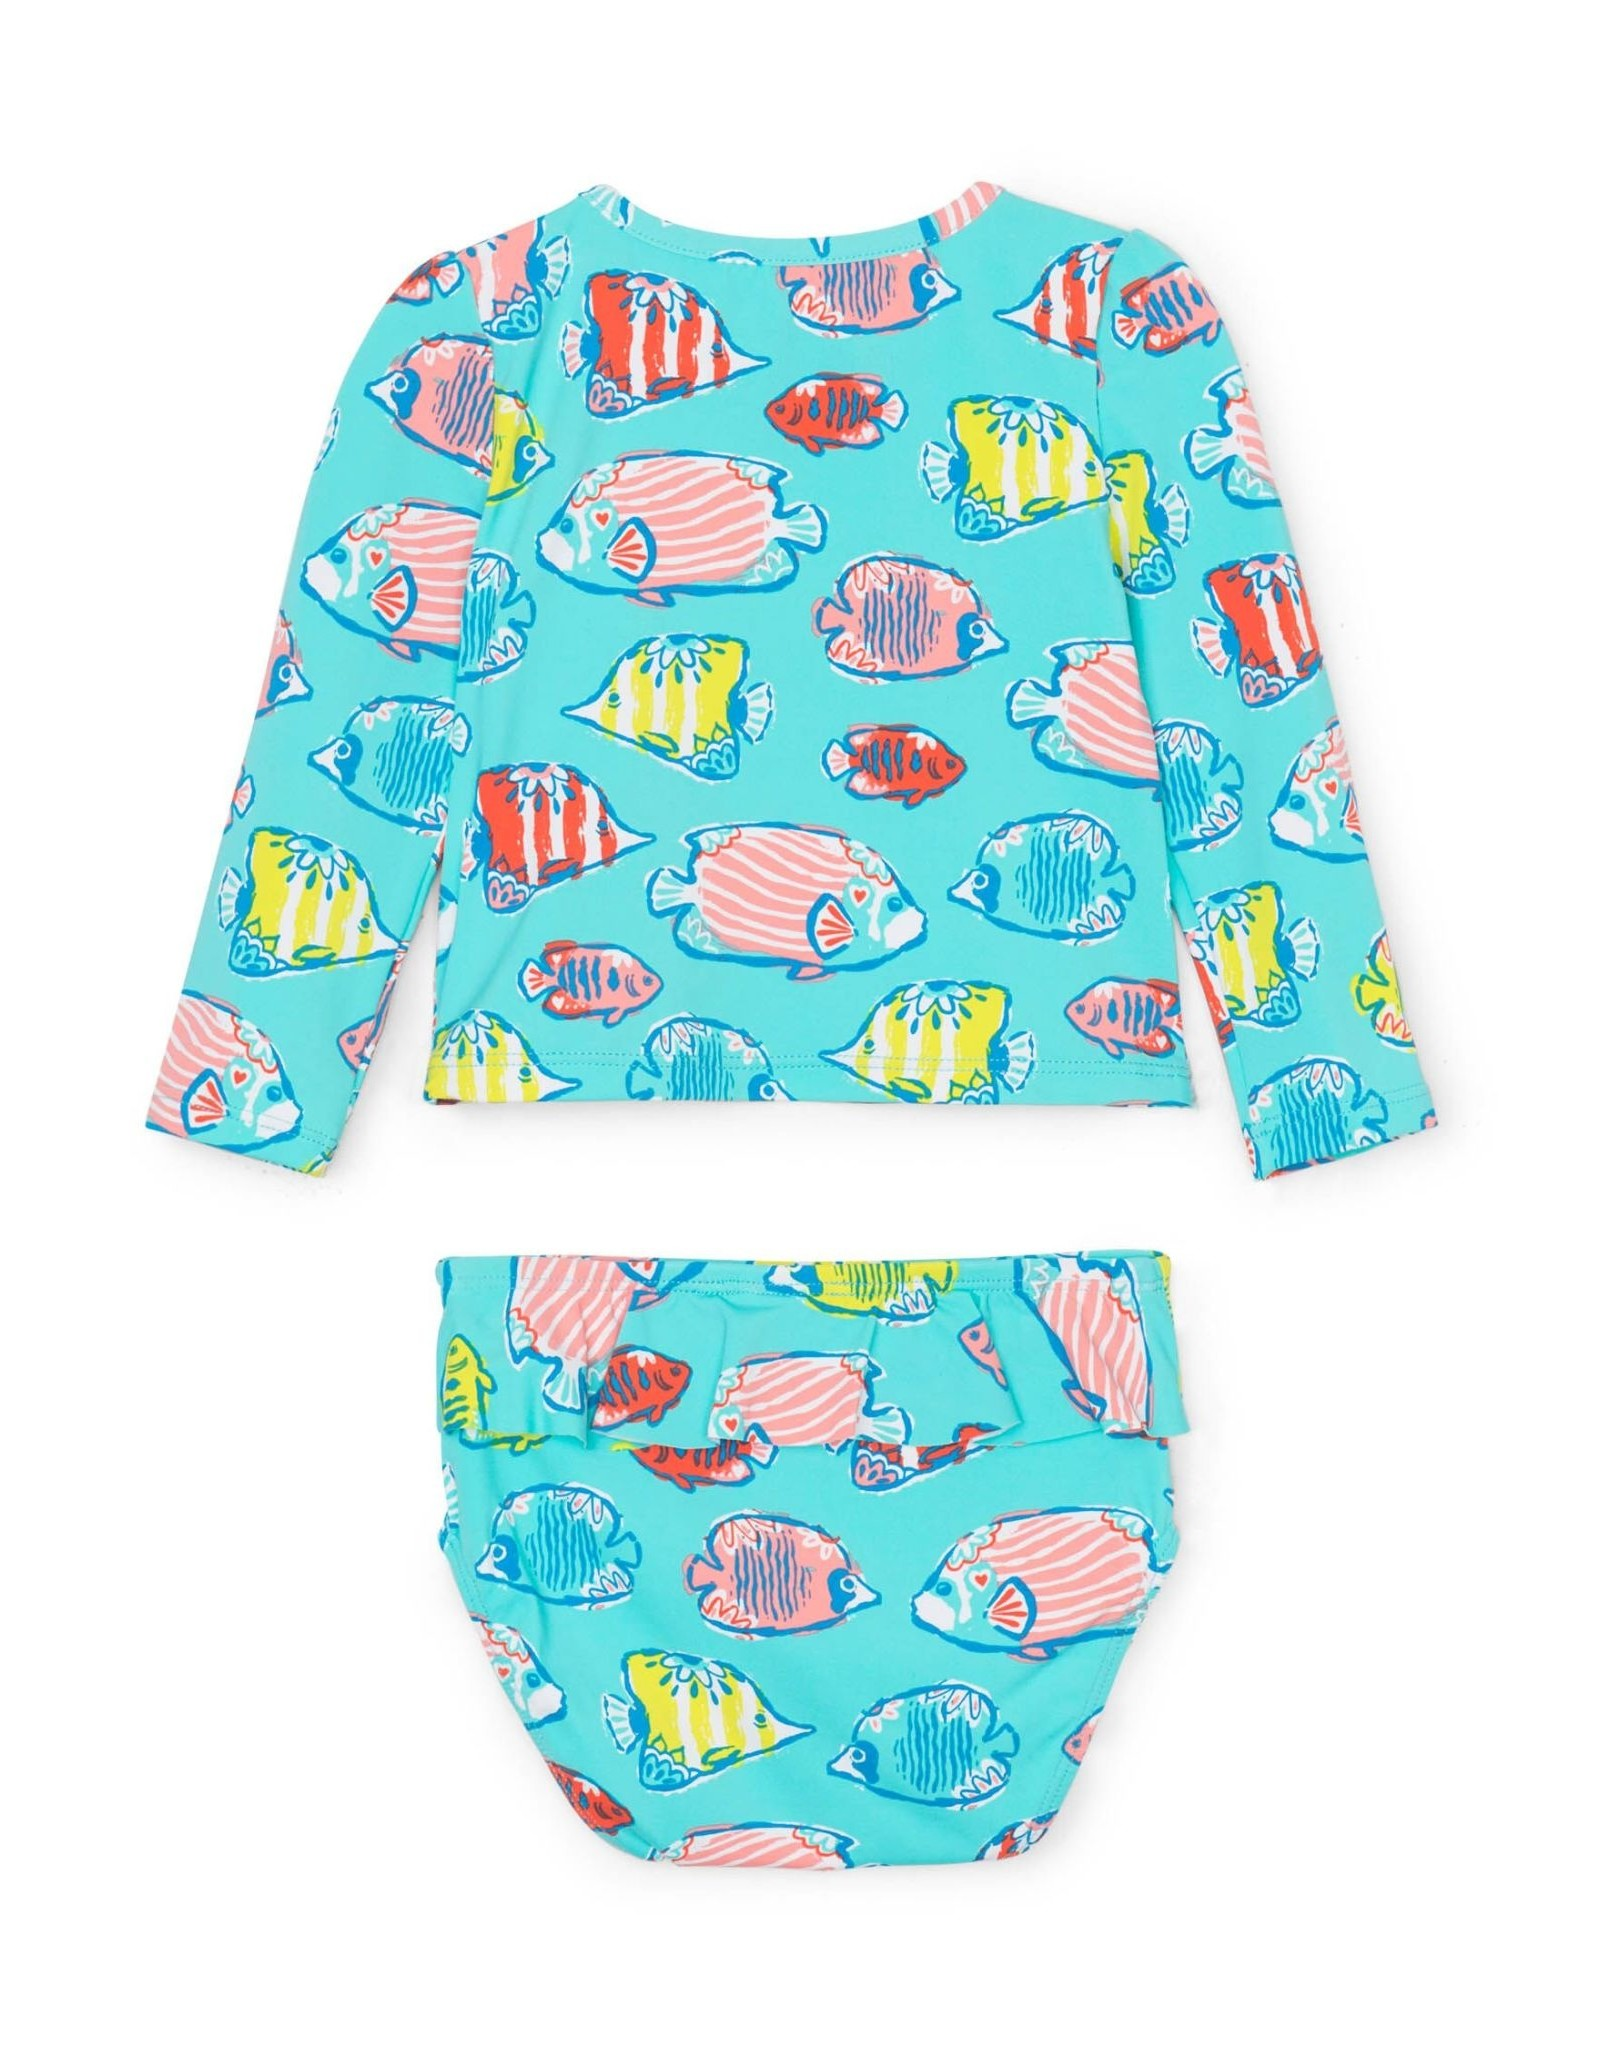 Hatley Colorful Fishies Baby Rashguard Set